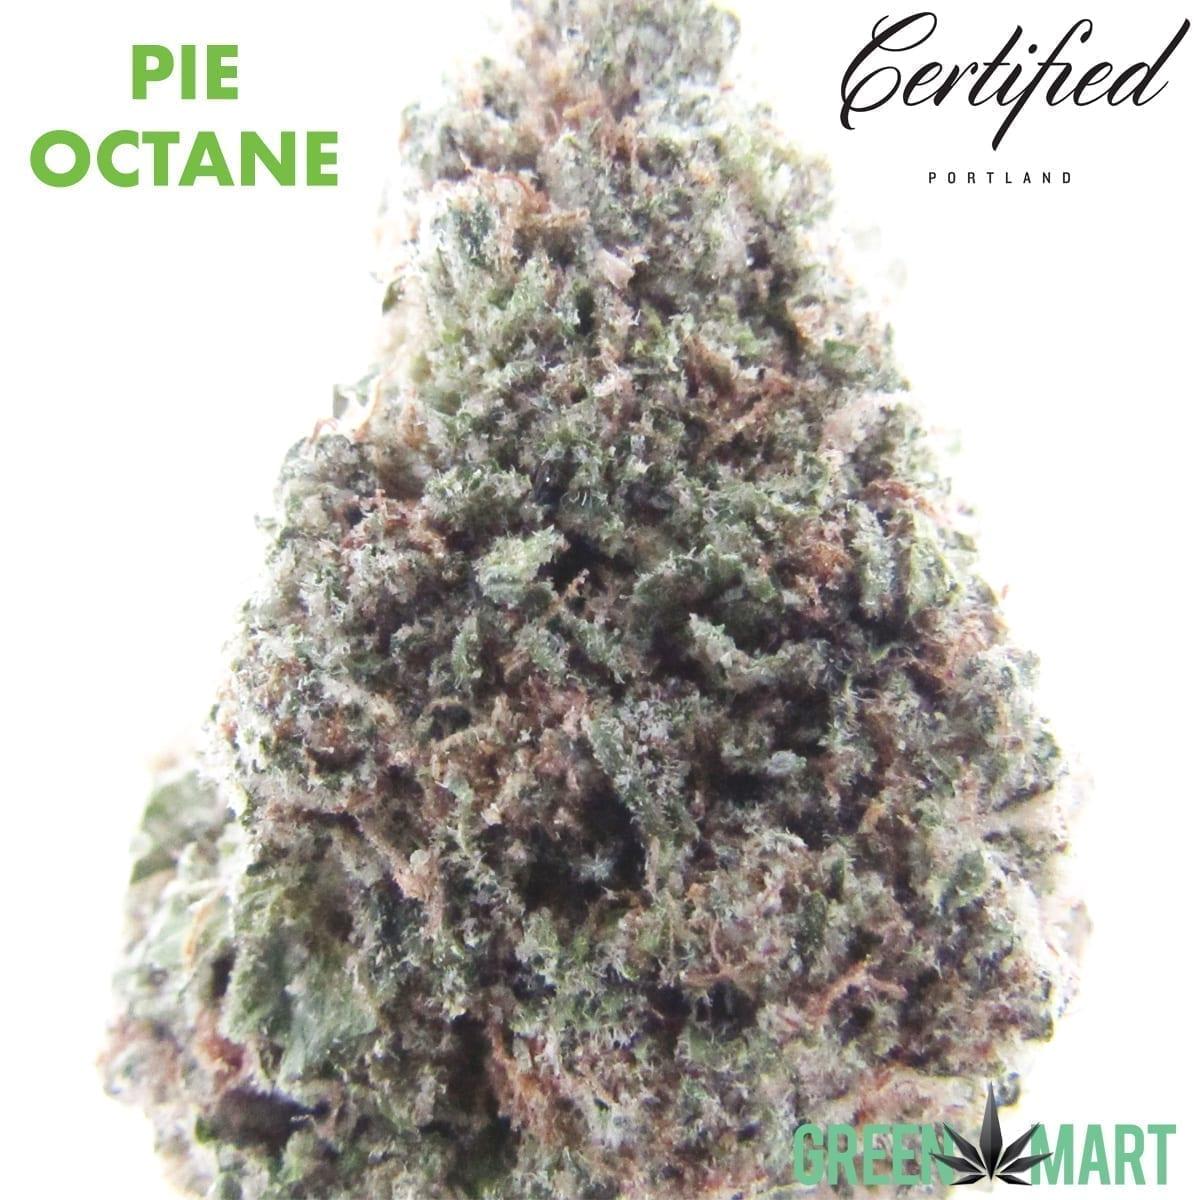 Certified Portland - Pie Octane